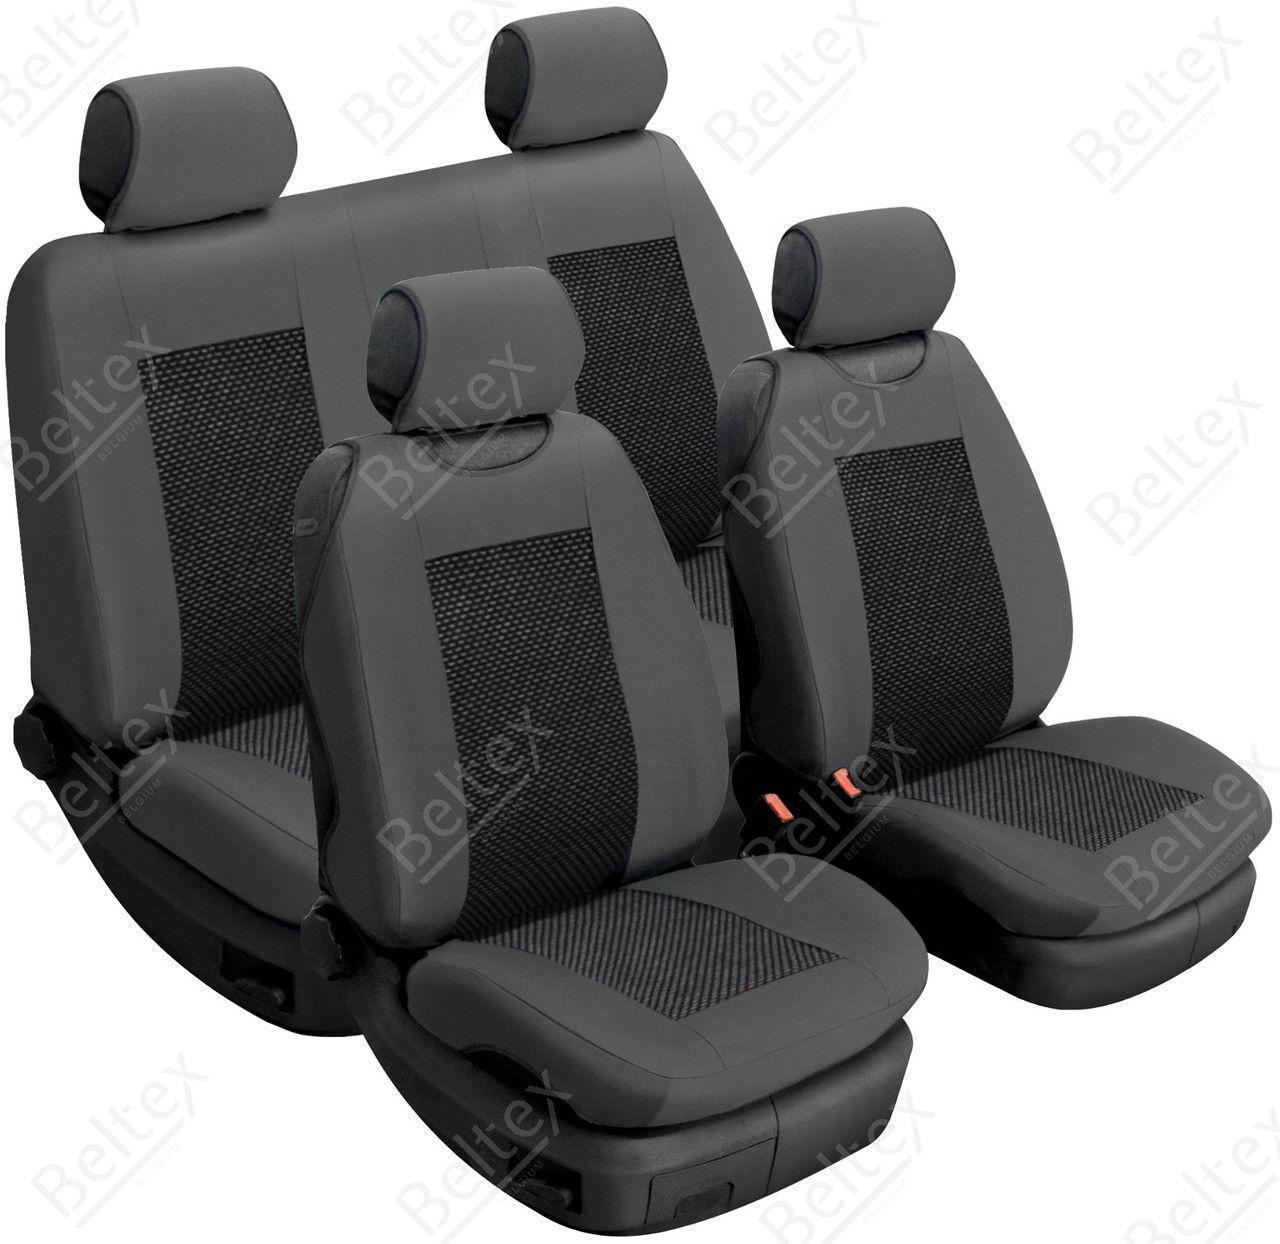 Майки/чехлы на сиденья Ситроен С5 2 (Citroen С5 II)